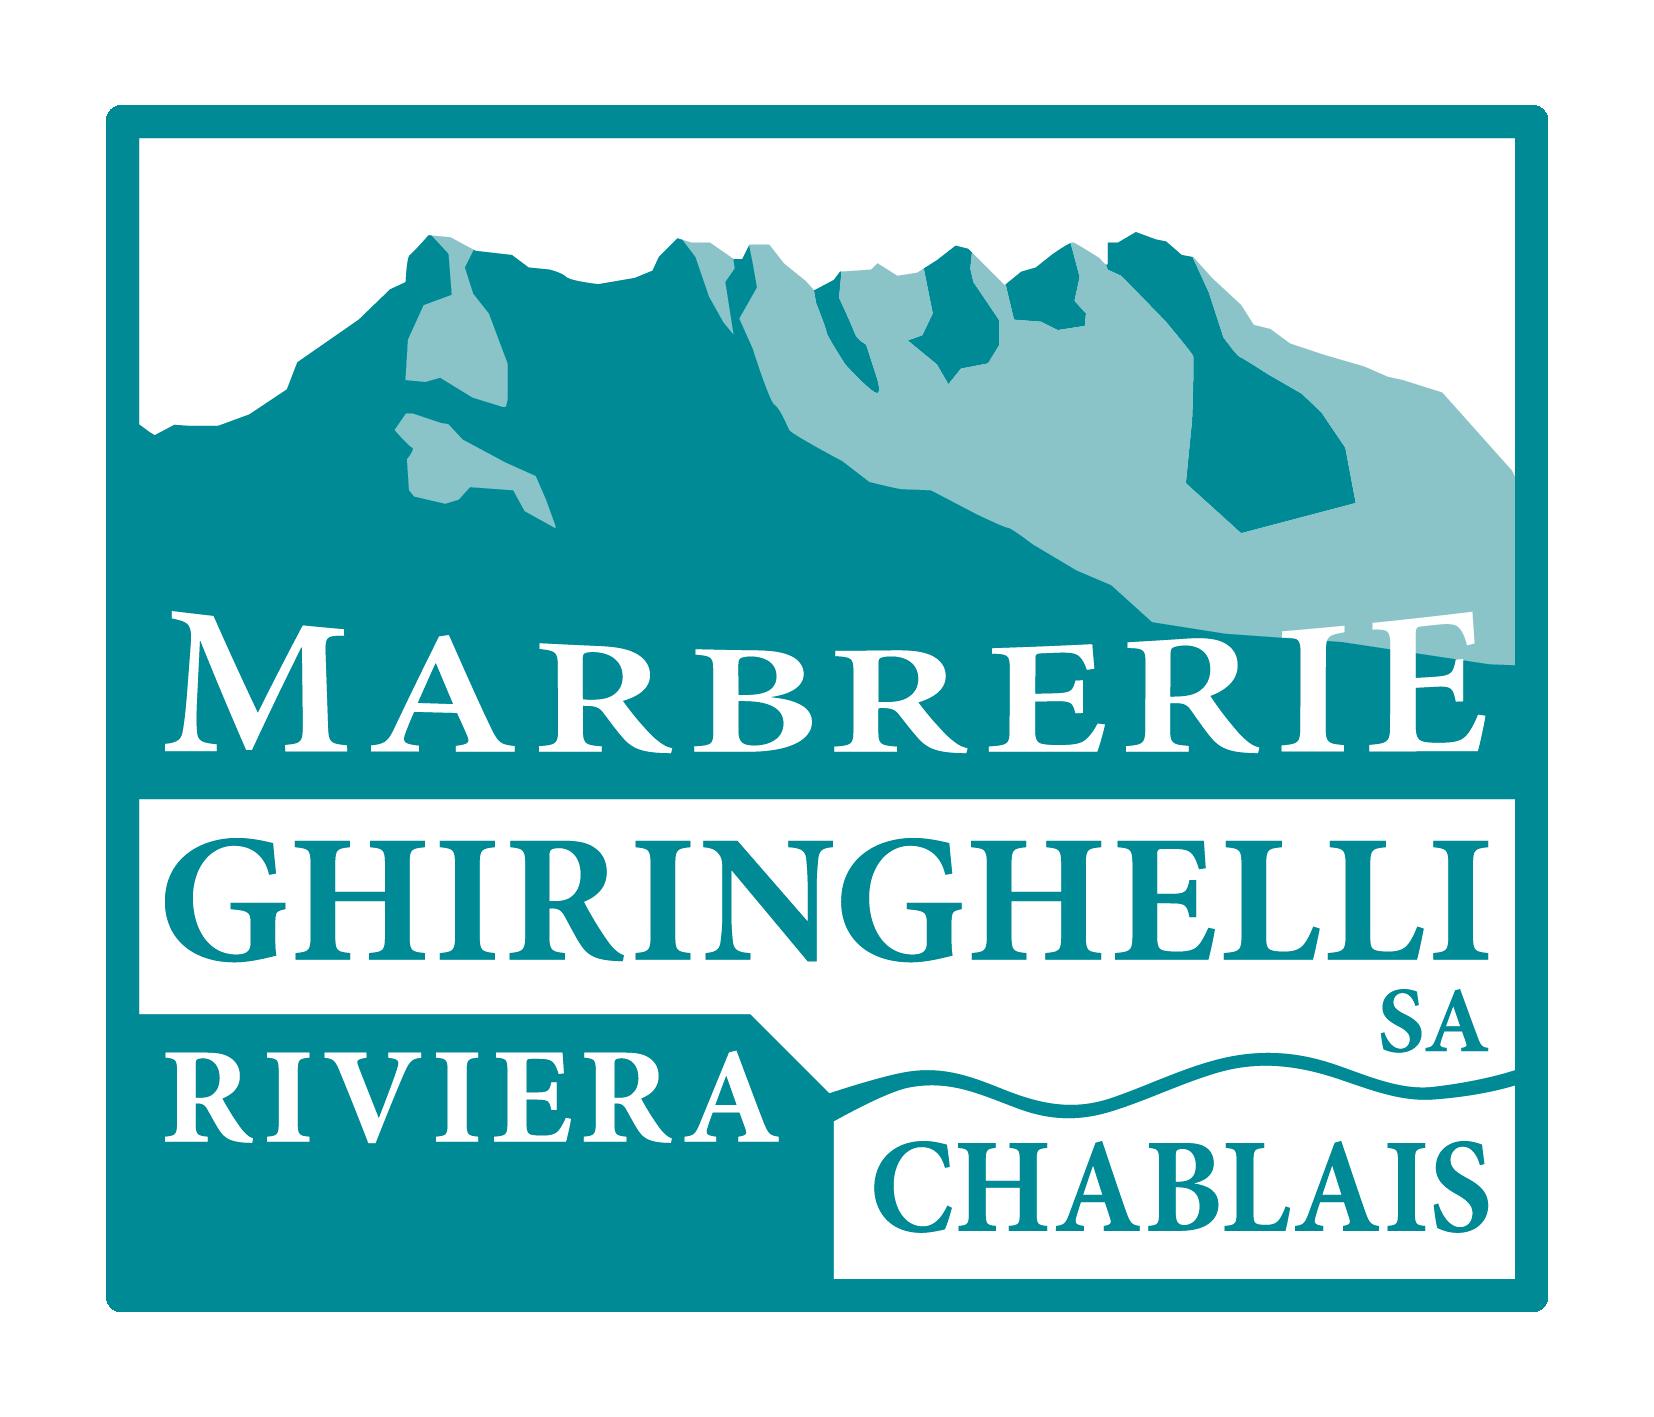 MARBRERIE GHIRINGHELLI RIVIERA-CHABLAIS SA